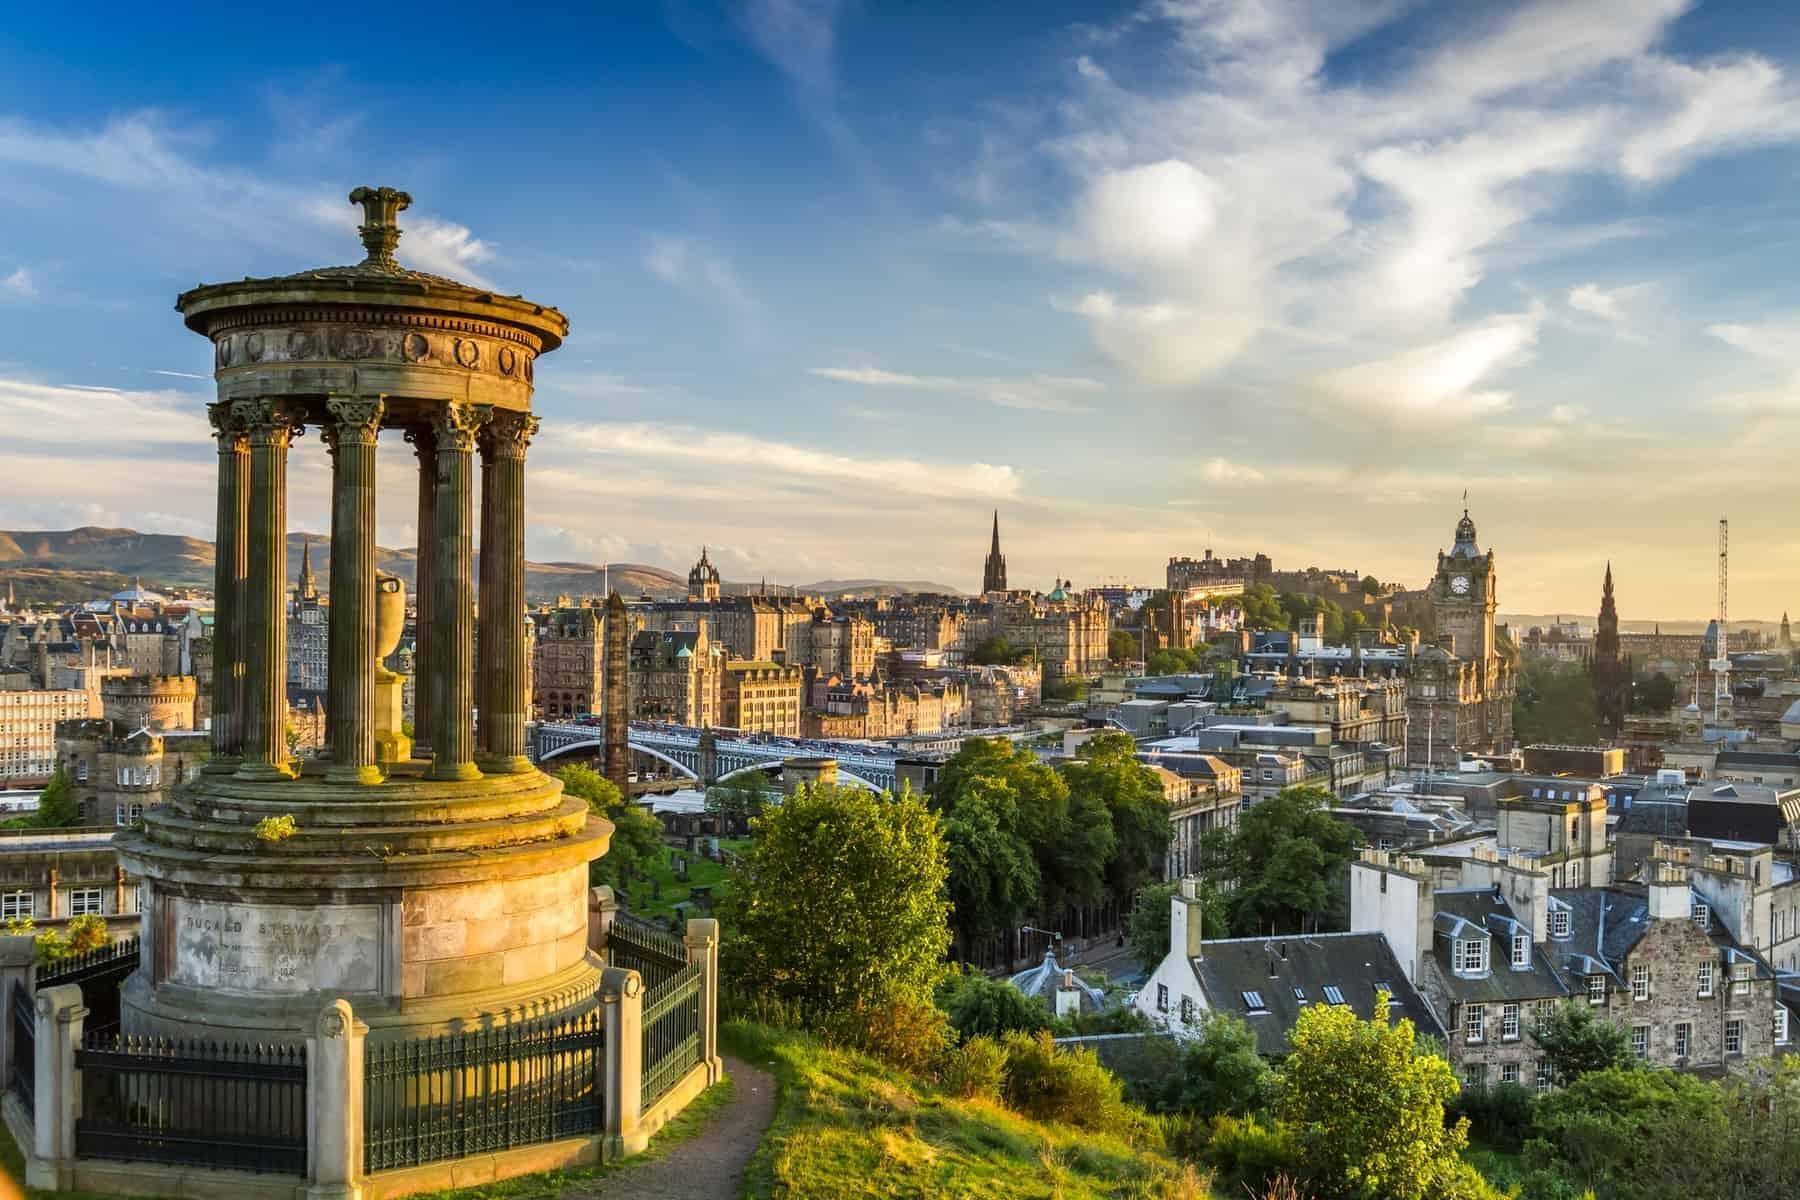 Byer i verden med høj livskvalitet: Calton Hill slottet i Edinburgh